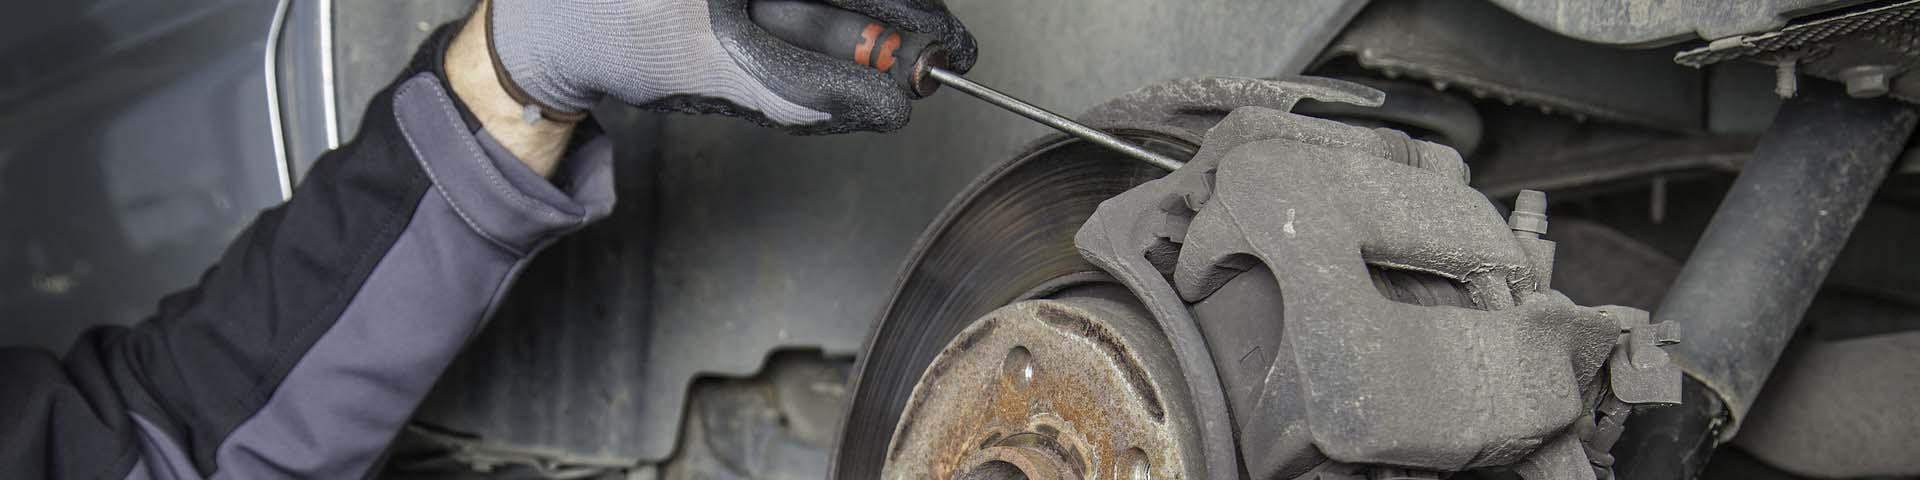 Plaquettes et disques de freins, des pièces auto garantes de votre sécurité